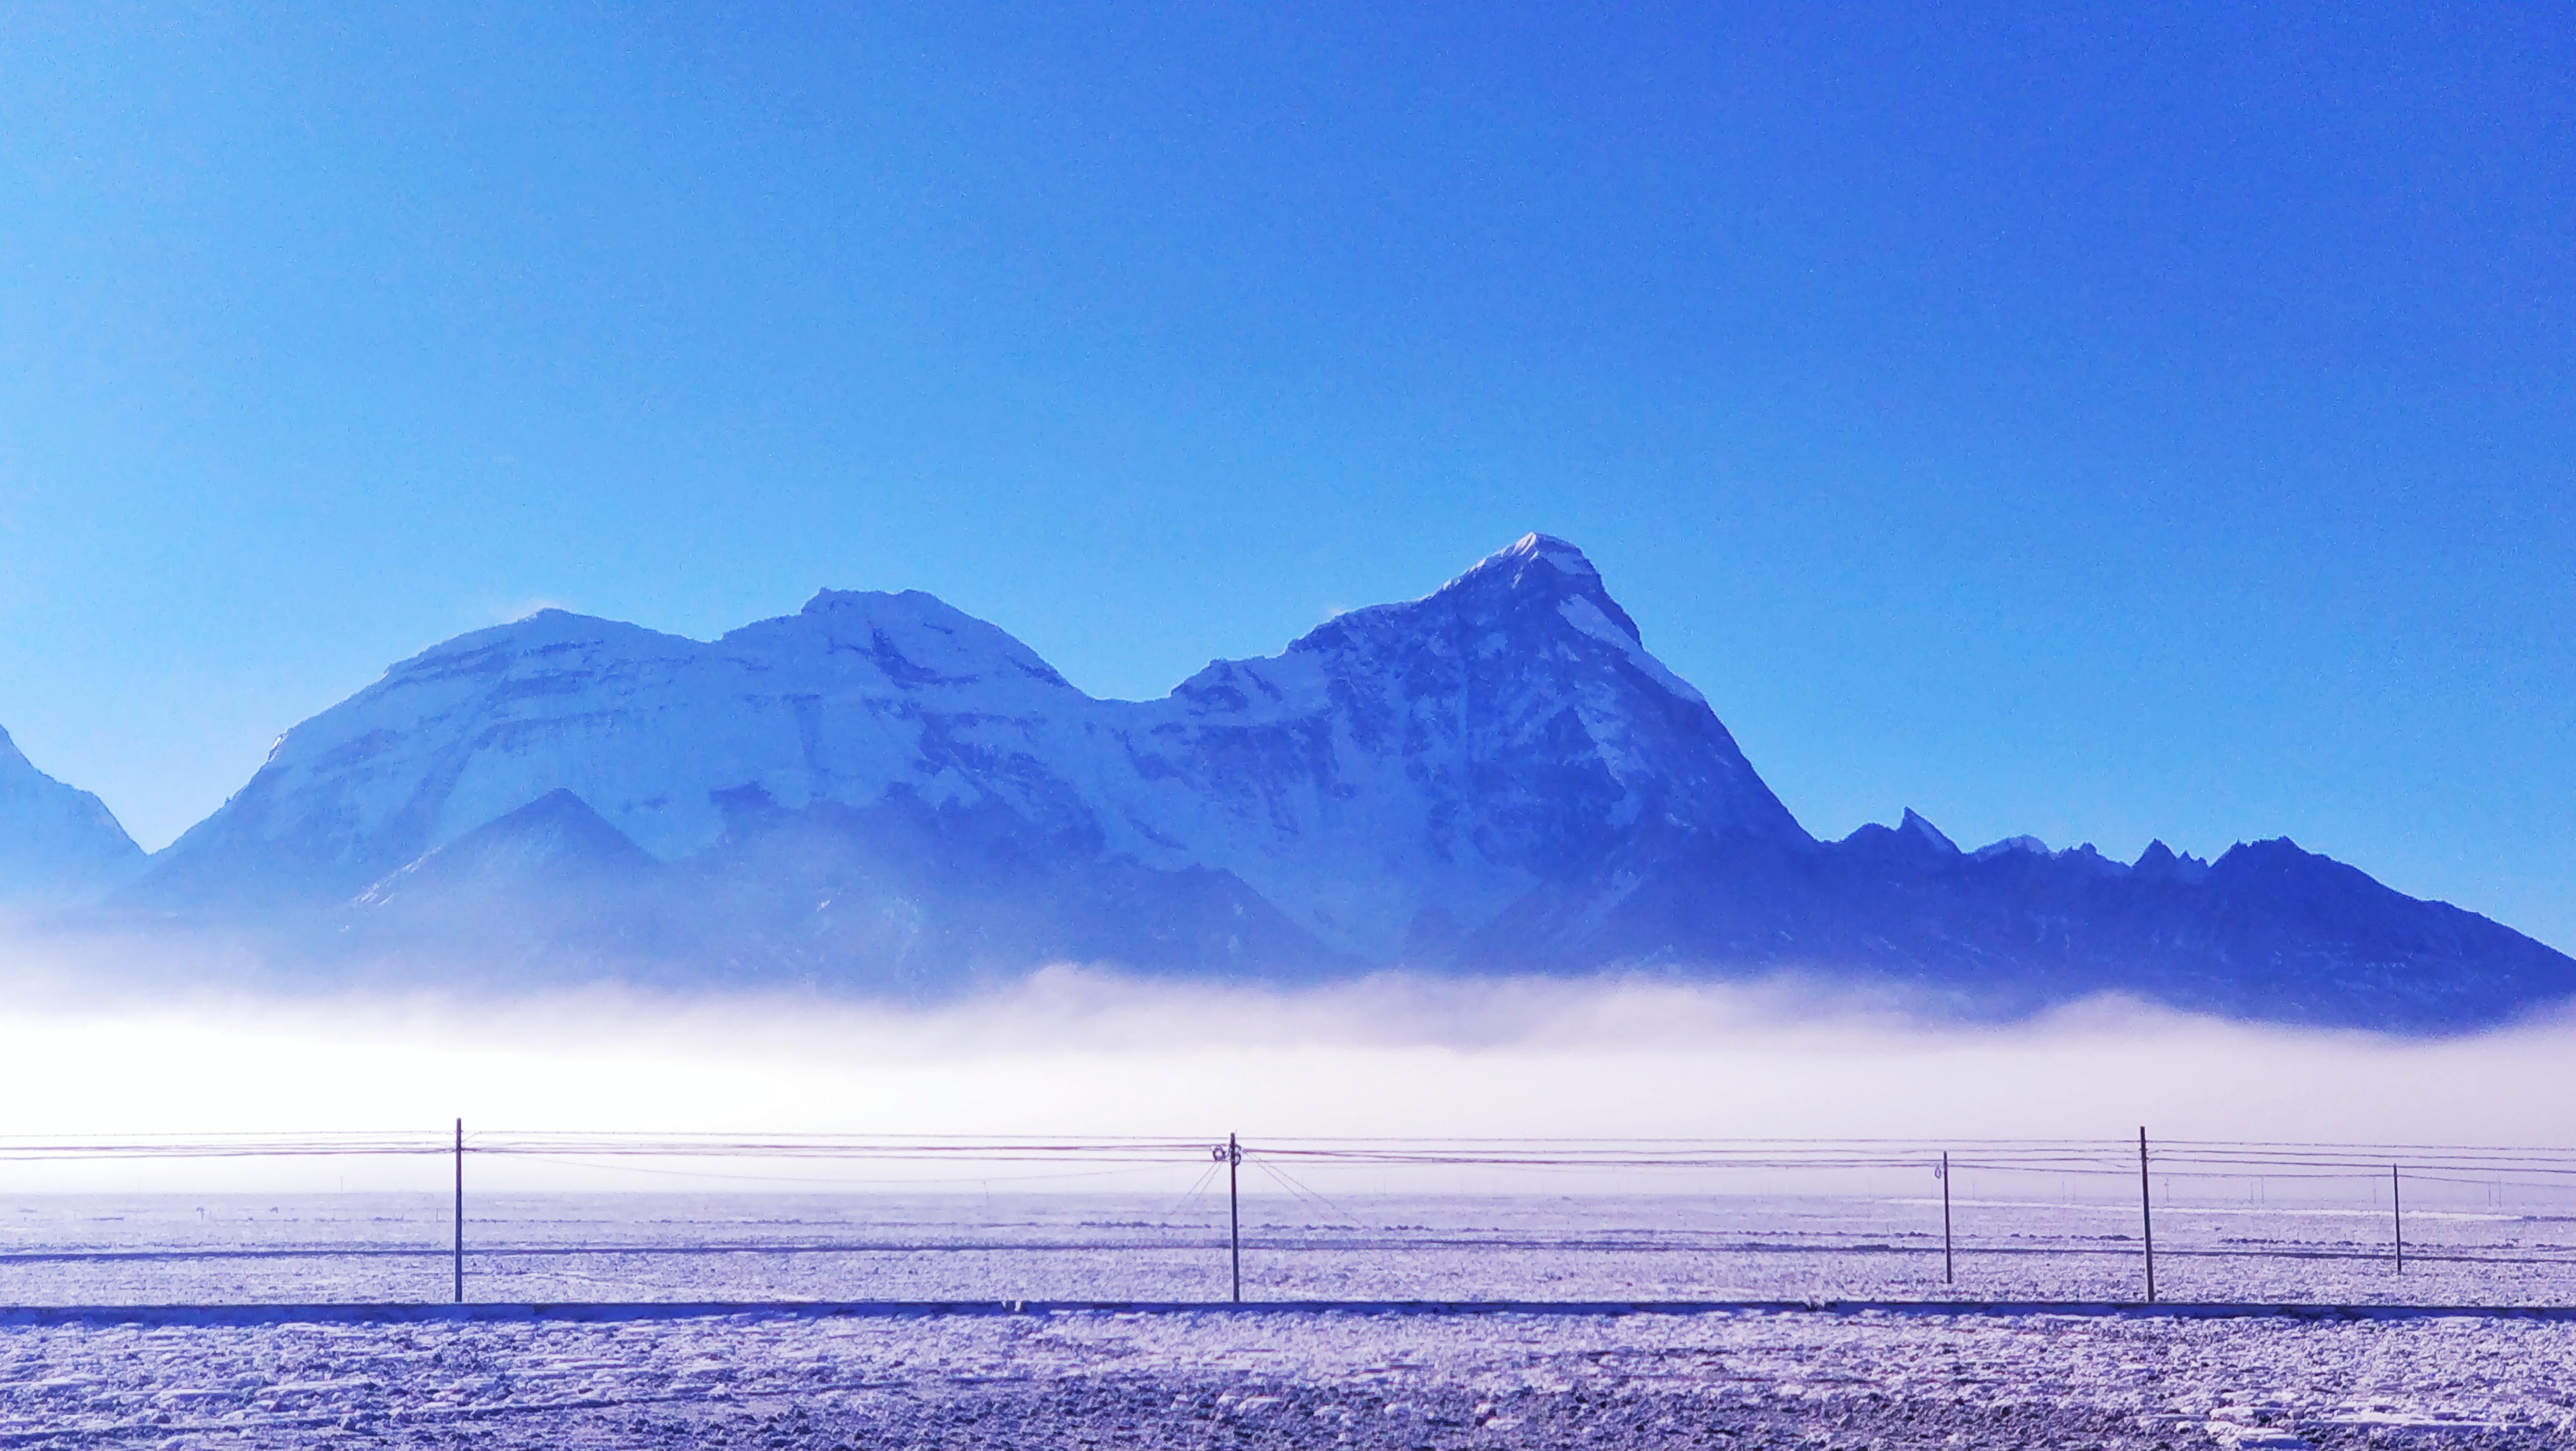 雪景28.jpg